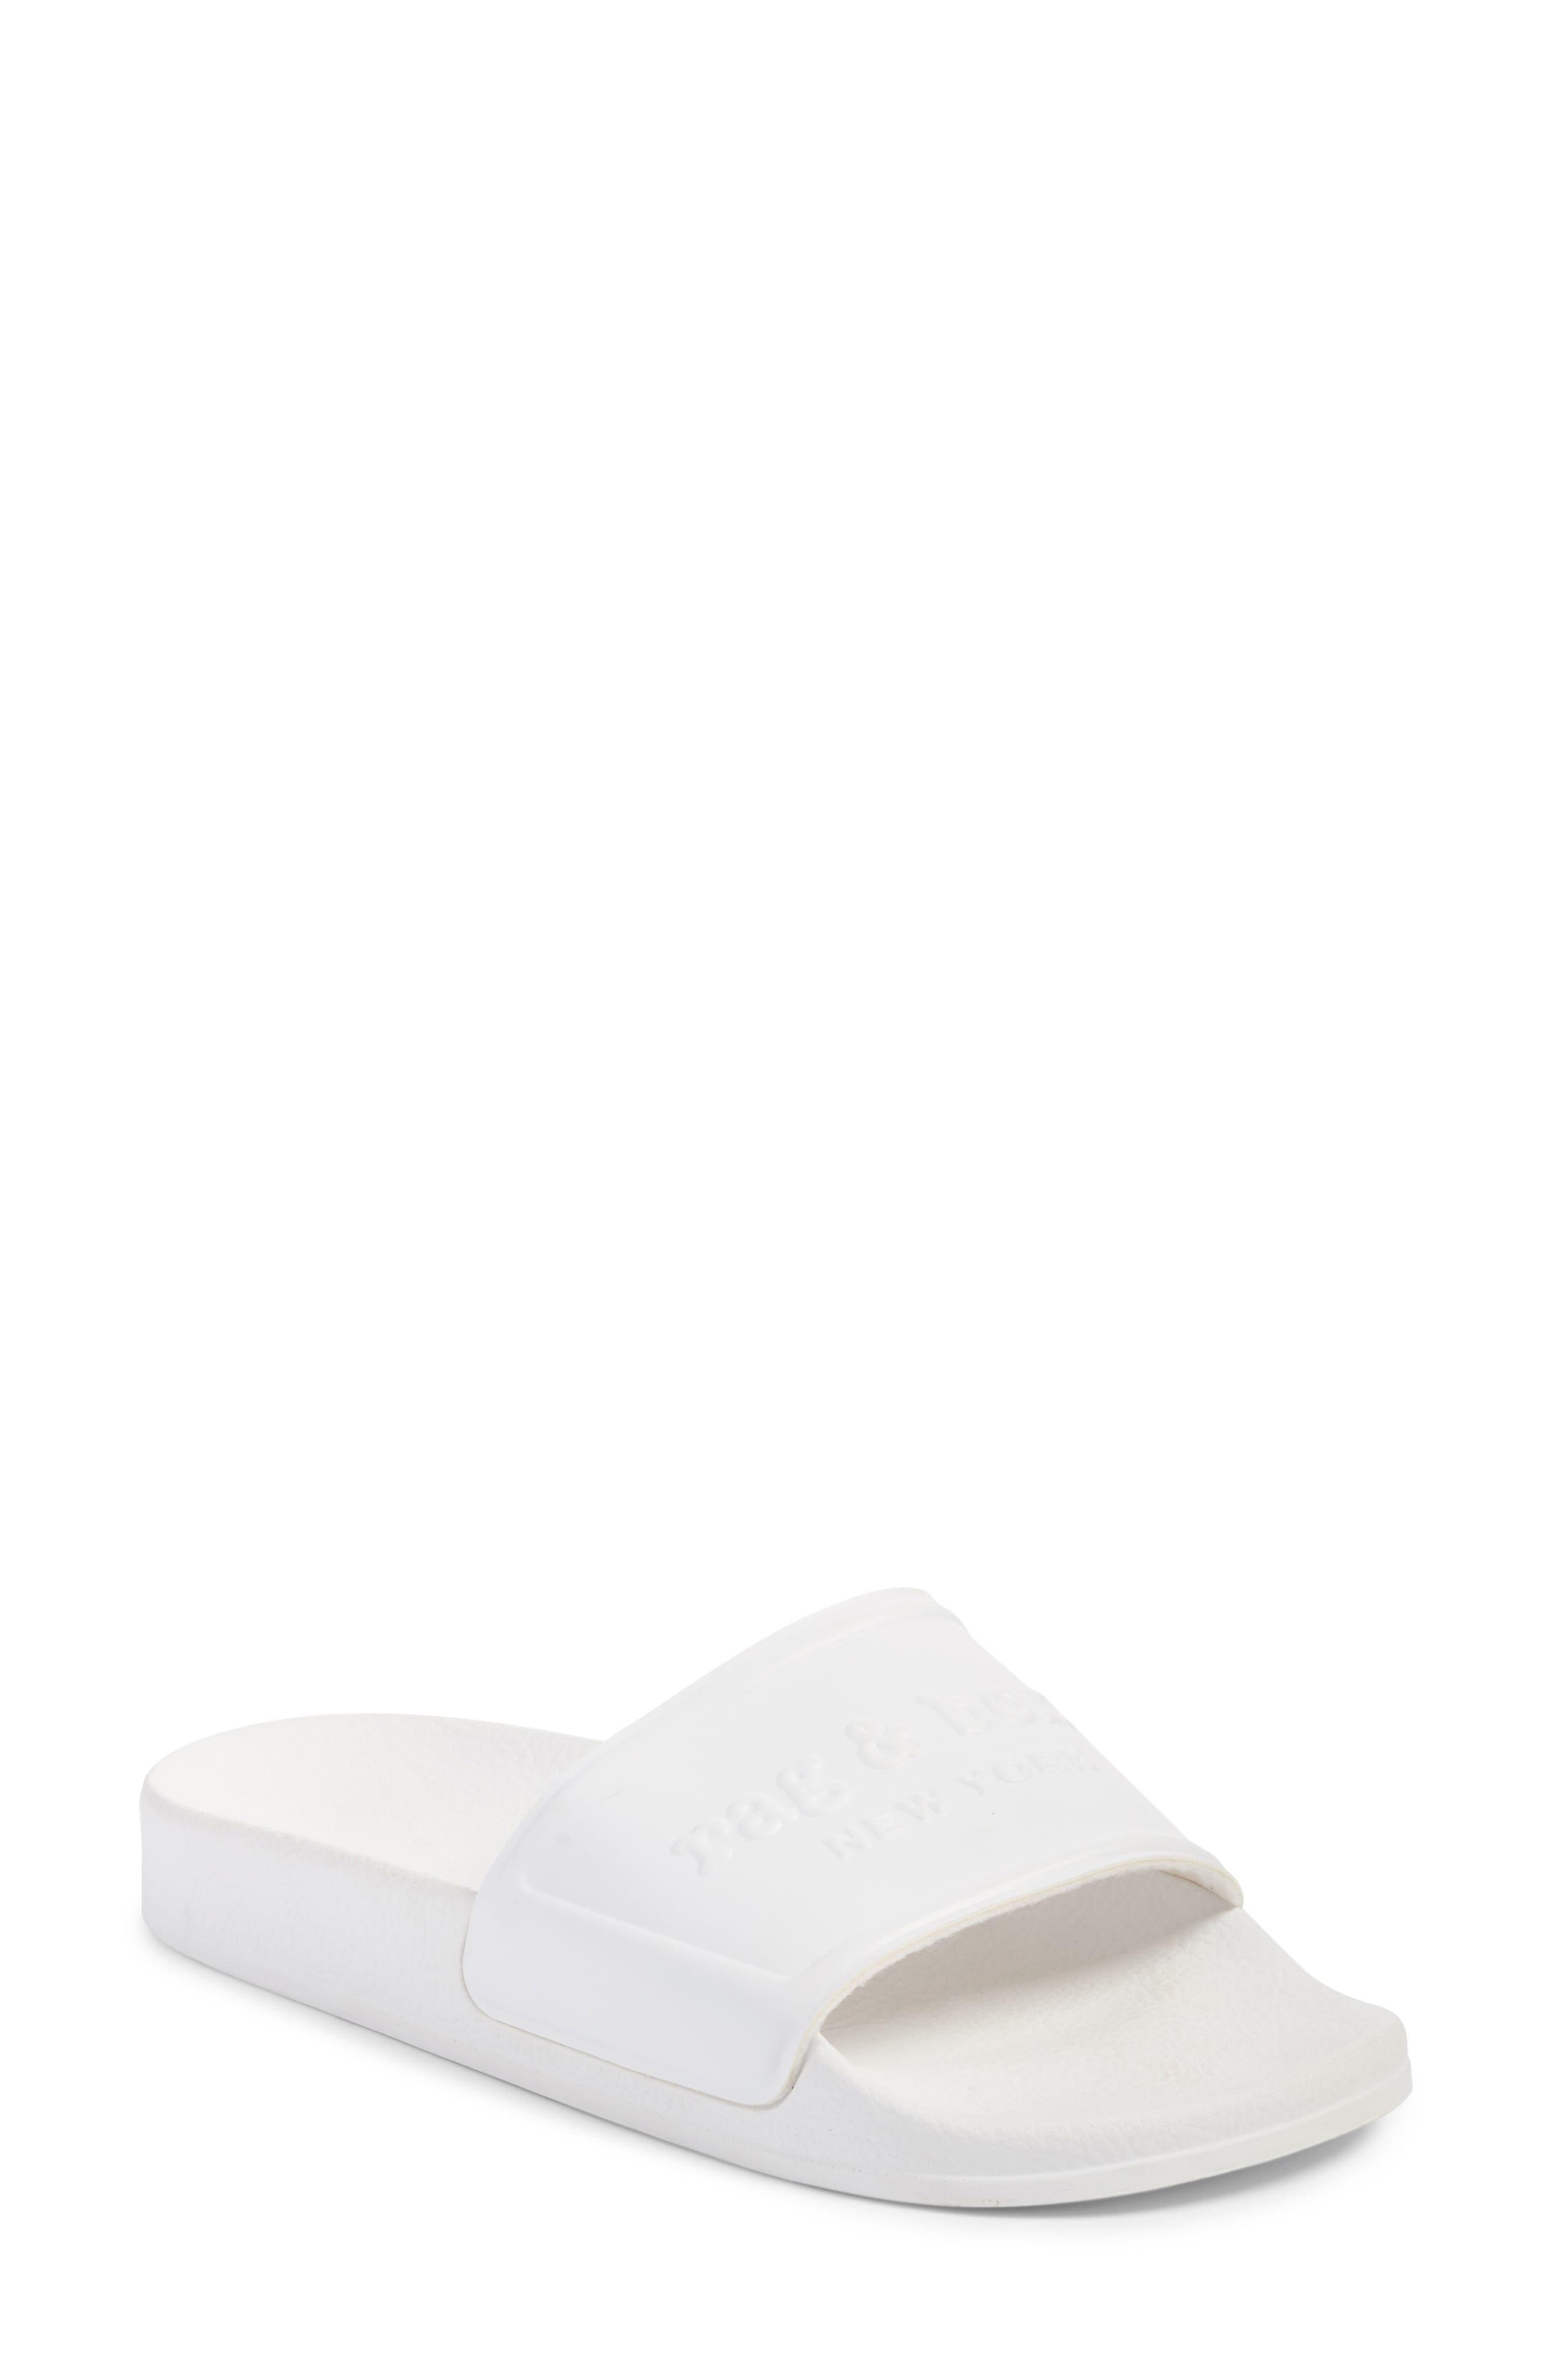 Alternate Image 1 Selected - rag & bone Pool Slide Sandal (Women)